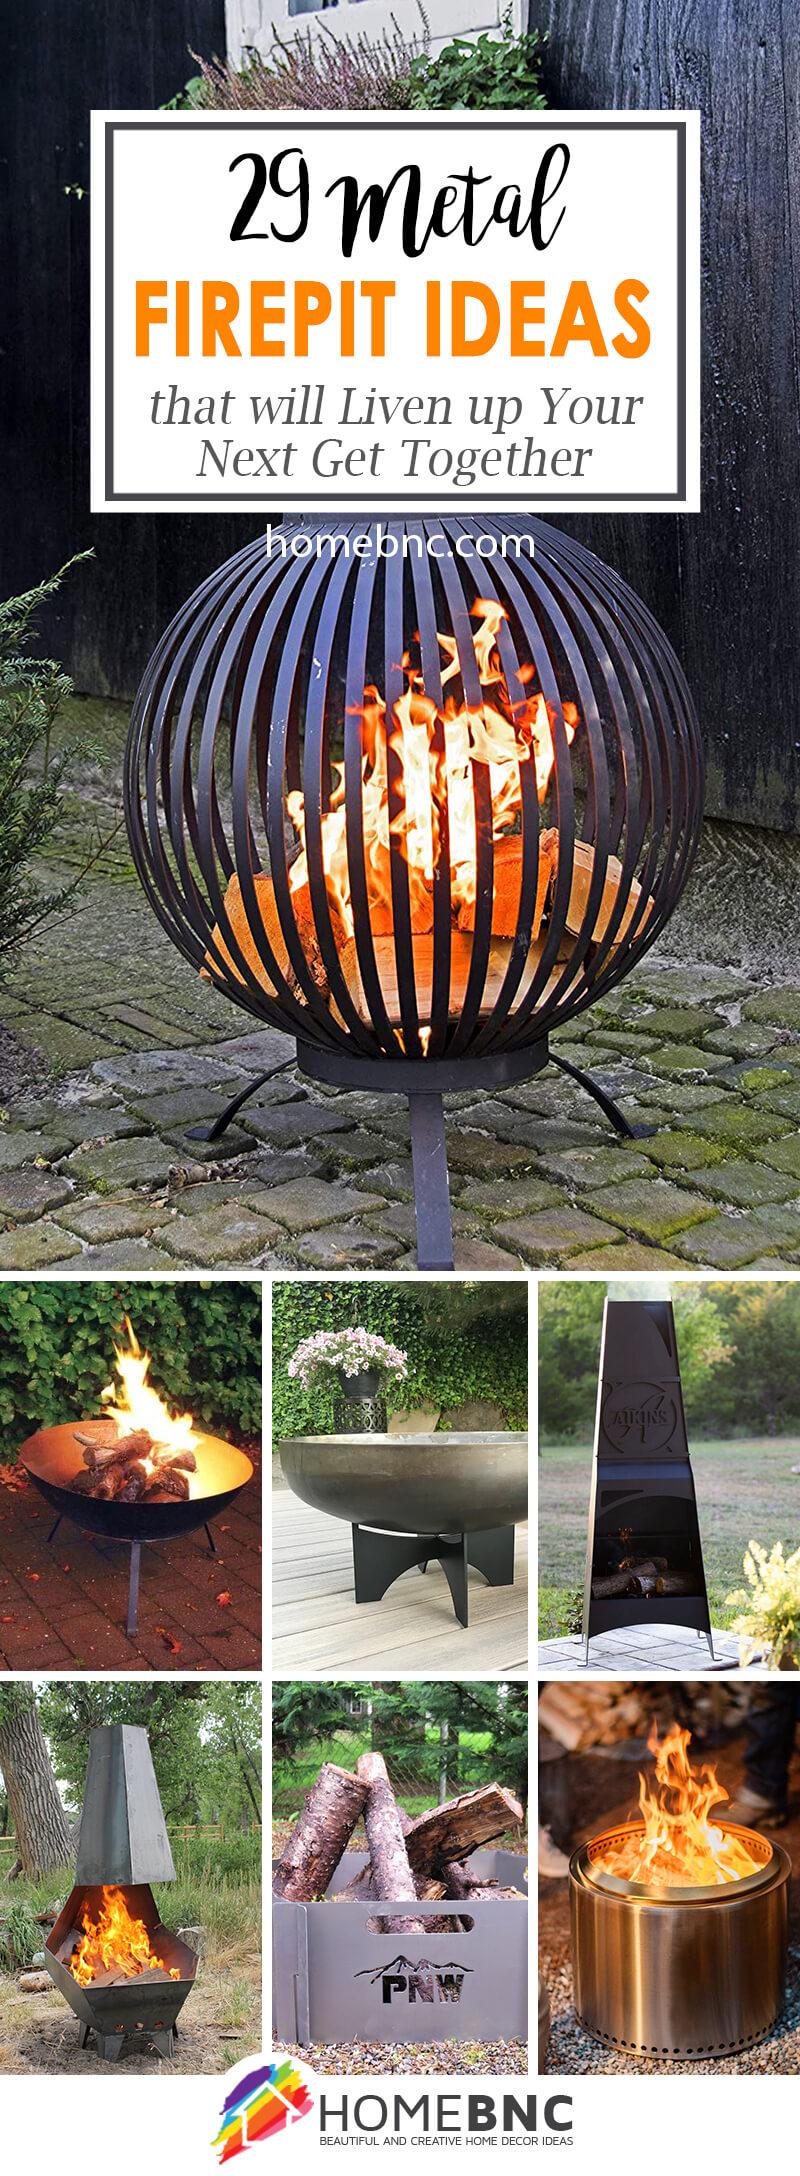 Best Metal Fire Pit Ideas